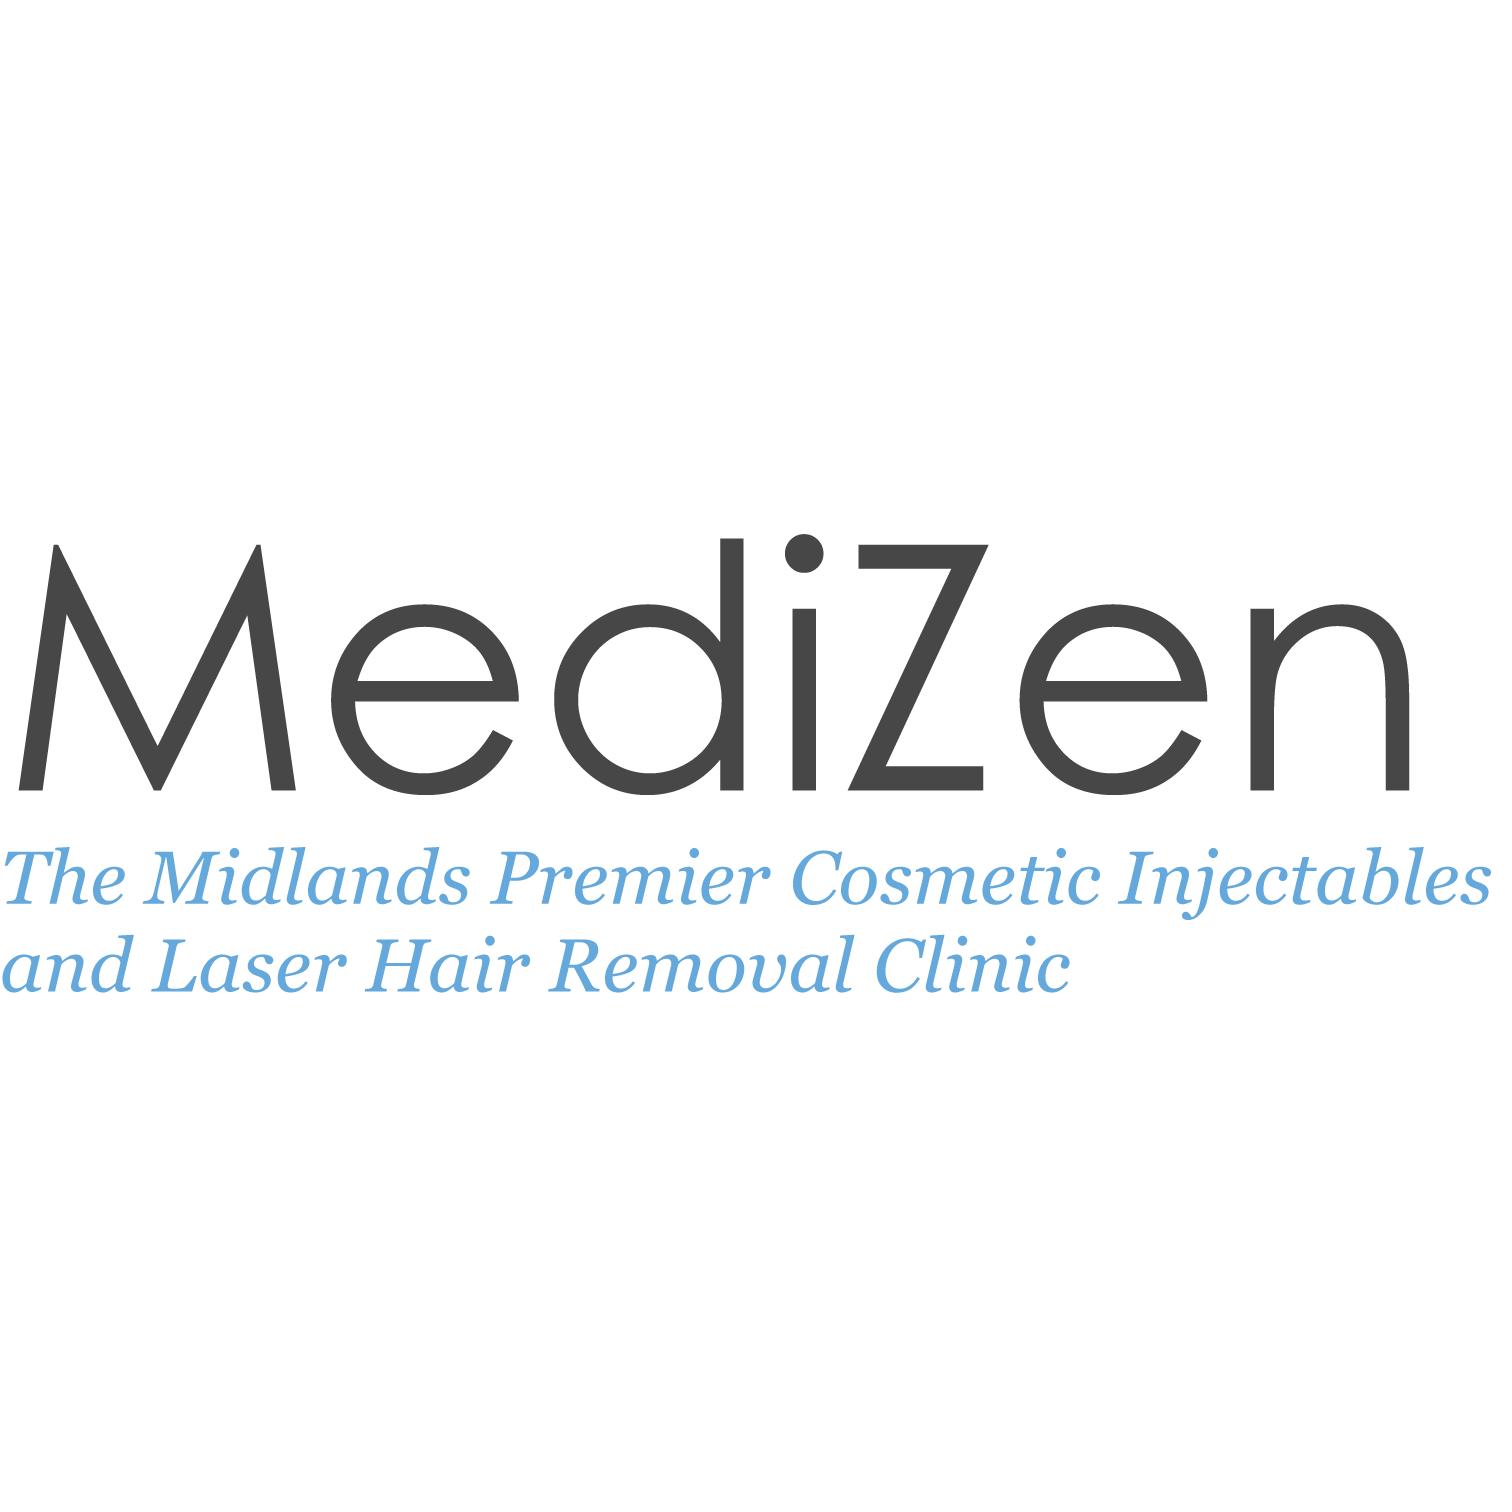 Medizen Ltd